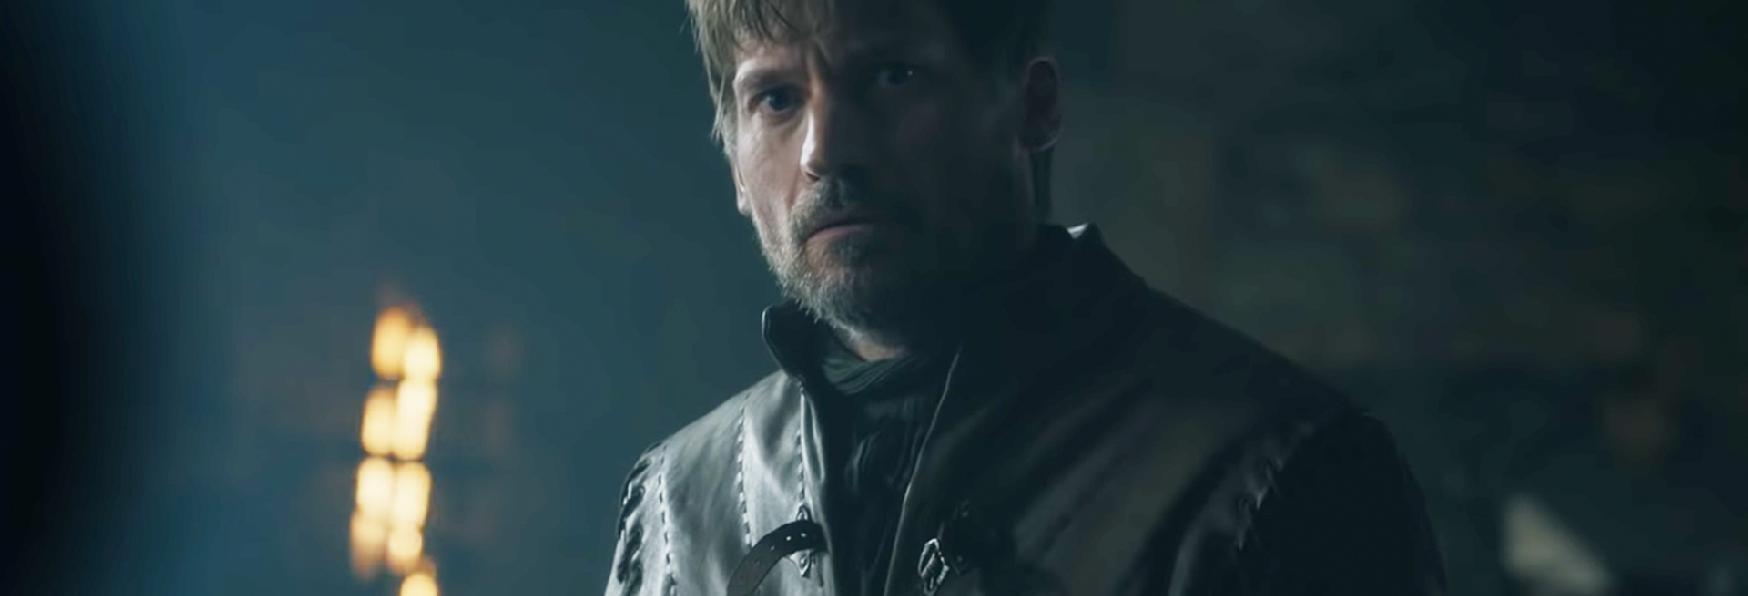 Ennesimo Leak per Game of Thrones: l'Episodio 8x02 viene diffuso in Anticipo